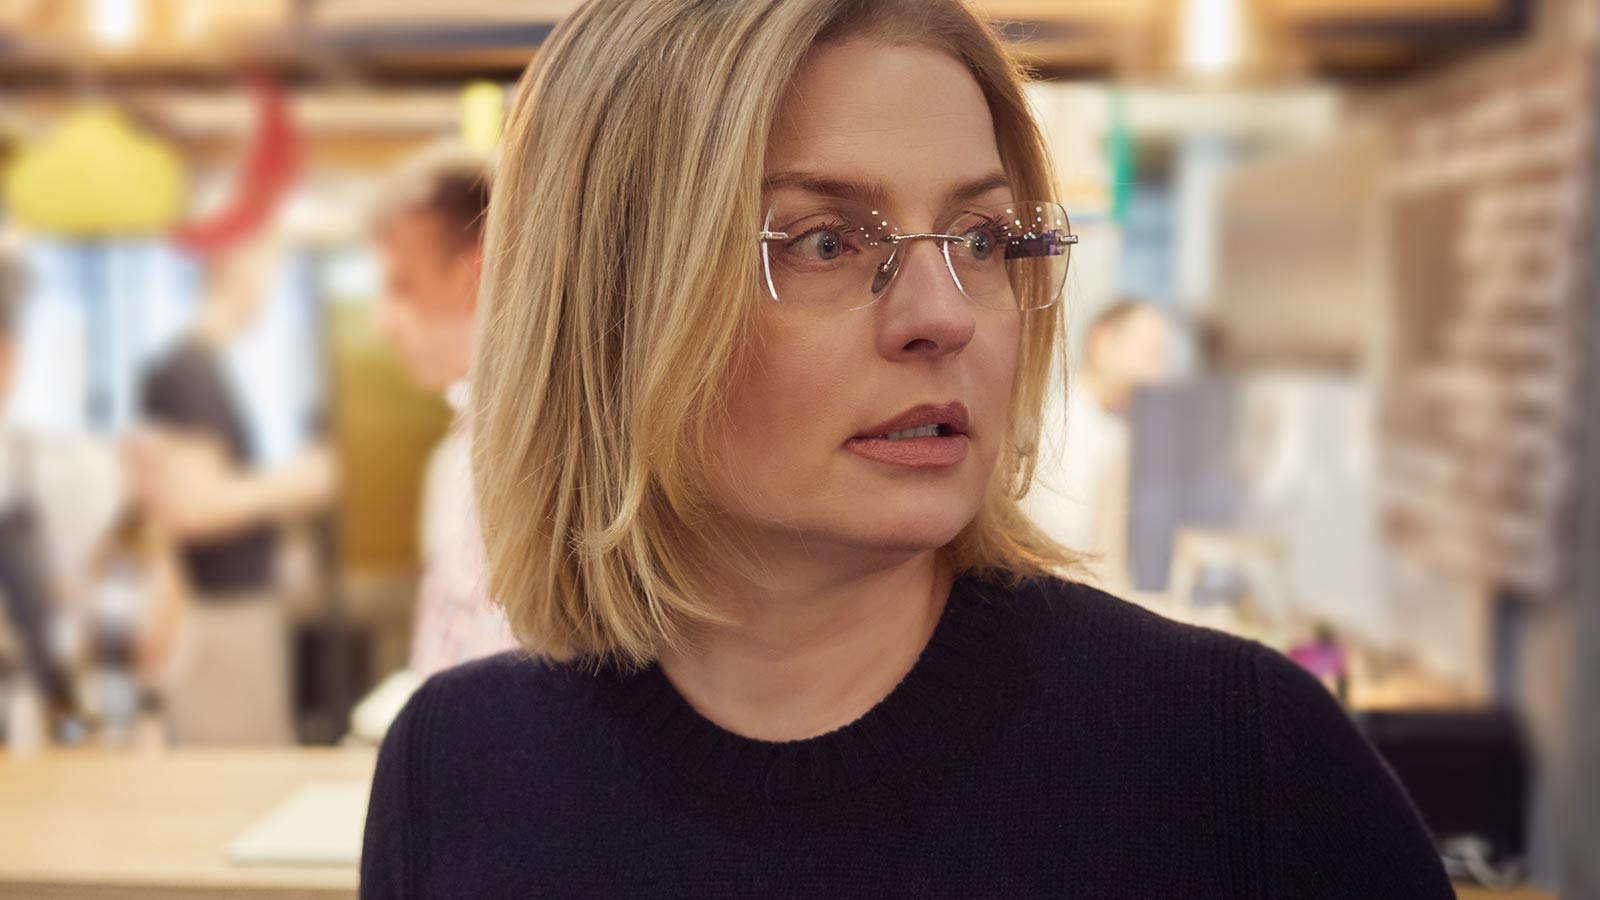 Designer rimless glasses in the UK